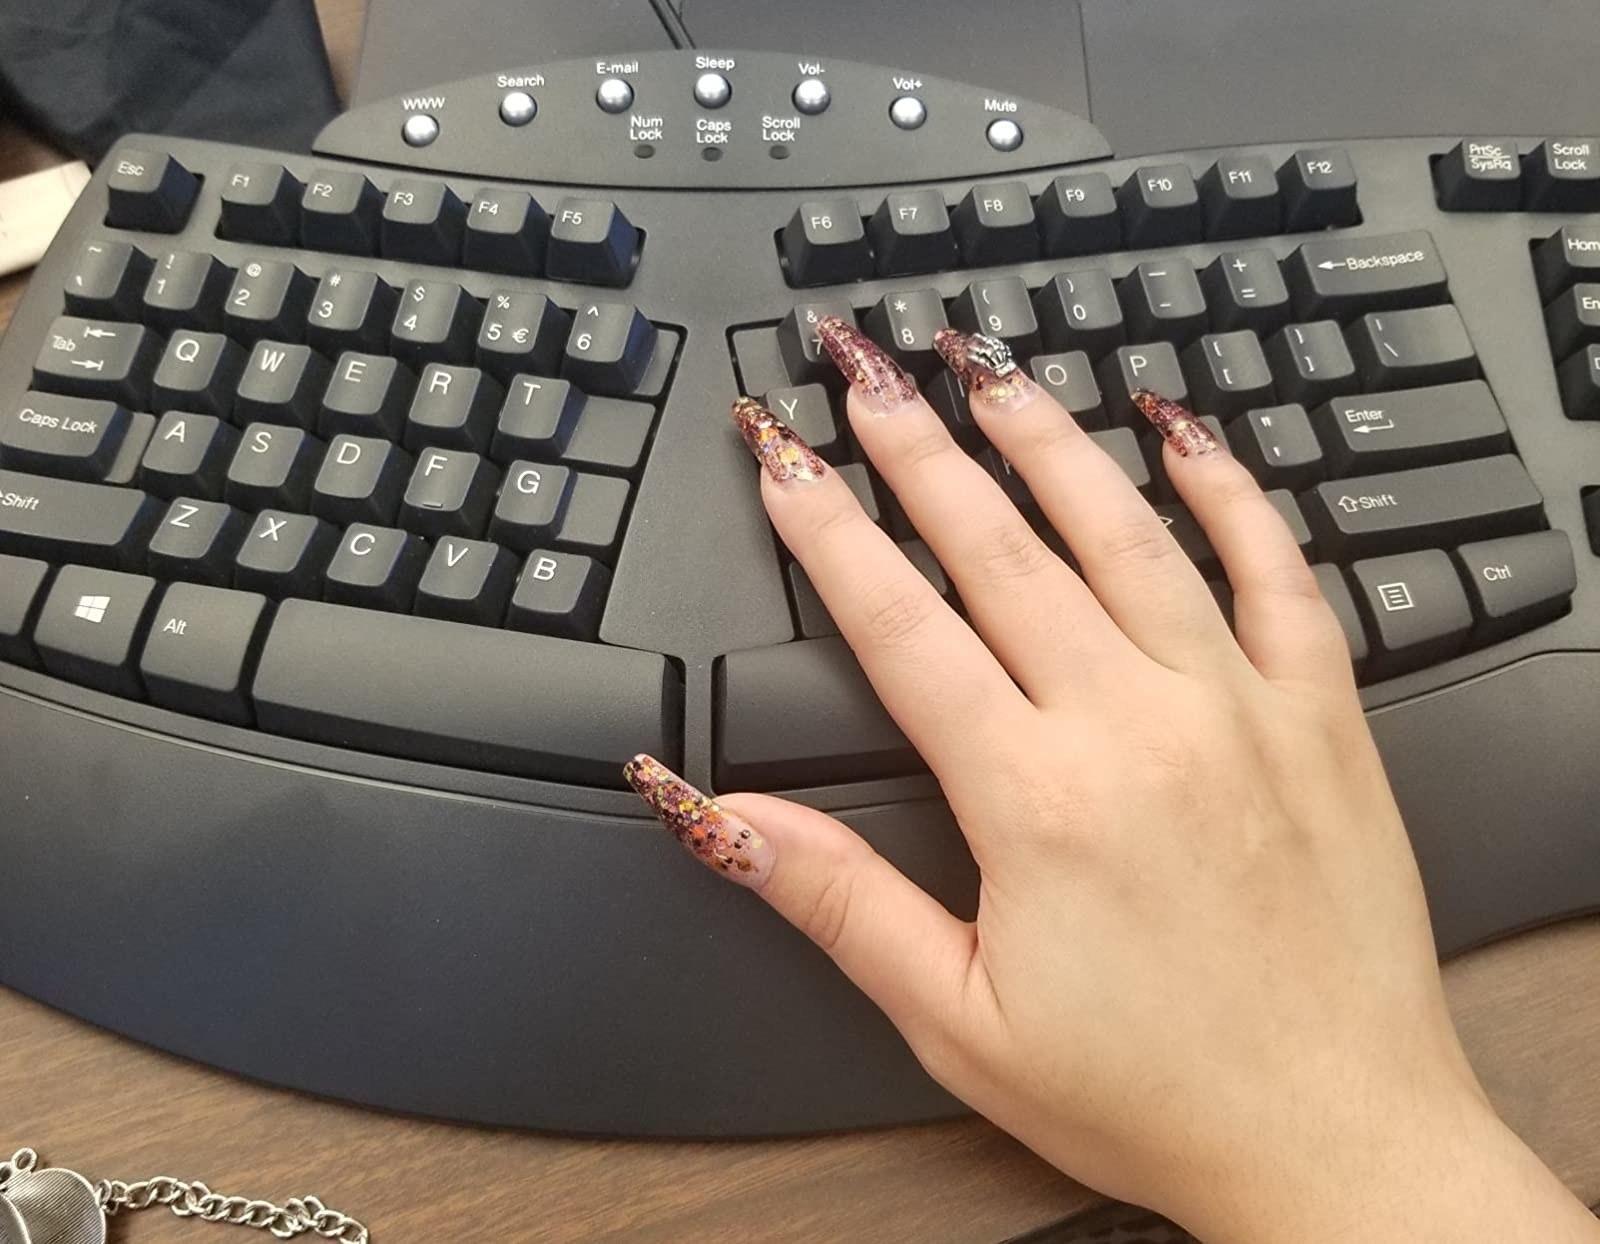 使用拆分键盘的审阅者